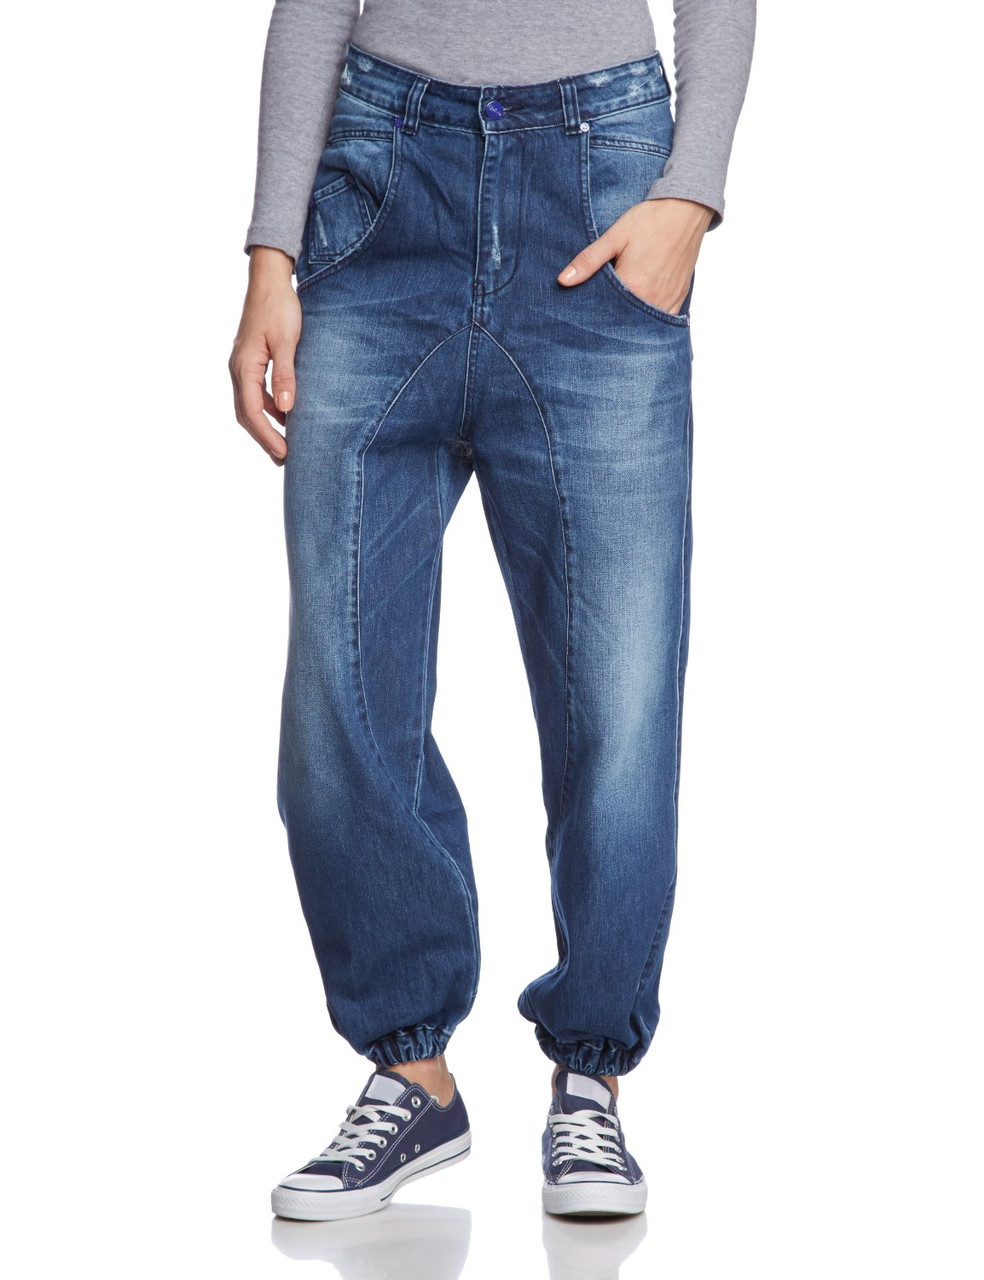 Жіночі джинси Wind від Björkvin в розмірі W24